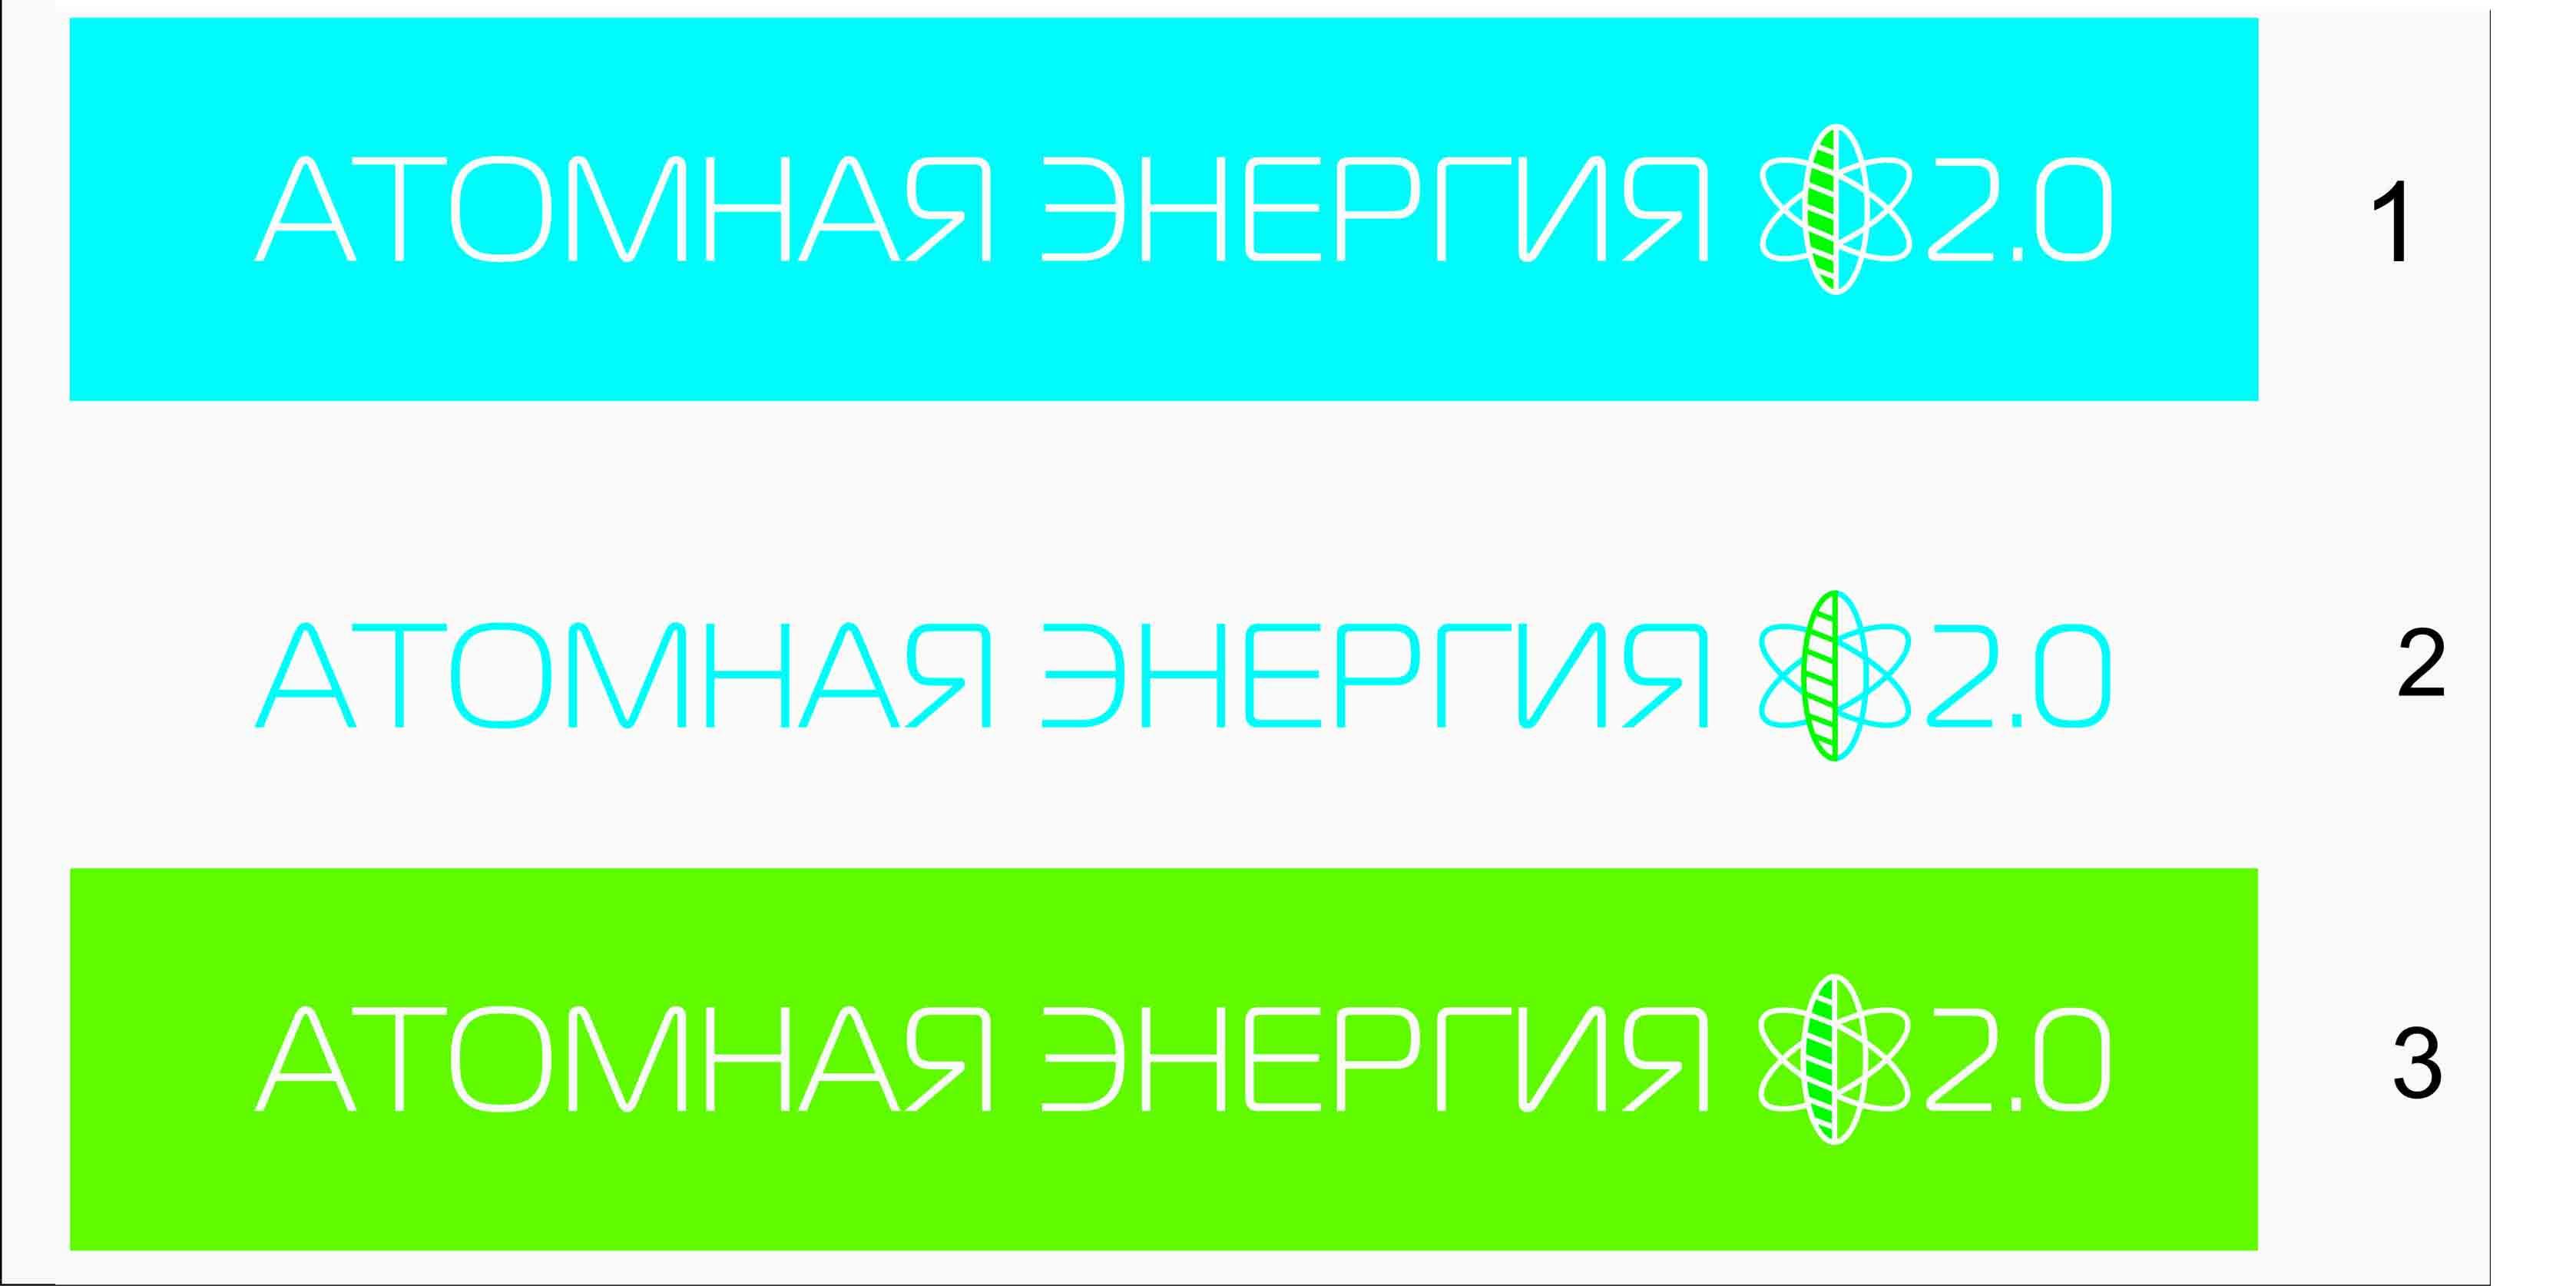 """Фирменный стиль для научного портала """"Атомная энергия 2.0"""" фото f_41459fcdb9d34d39.jpg"""